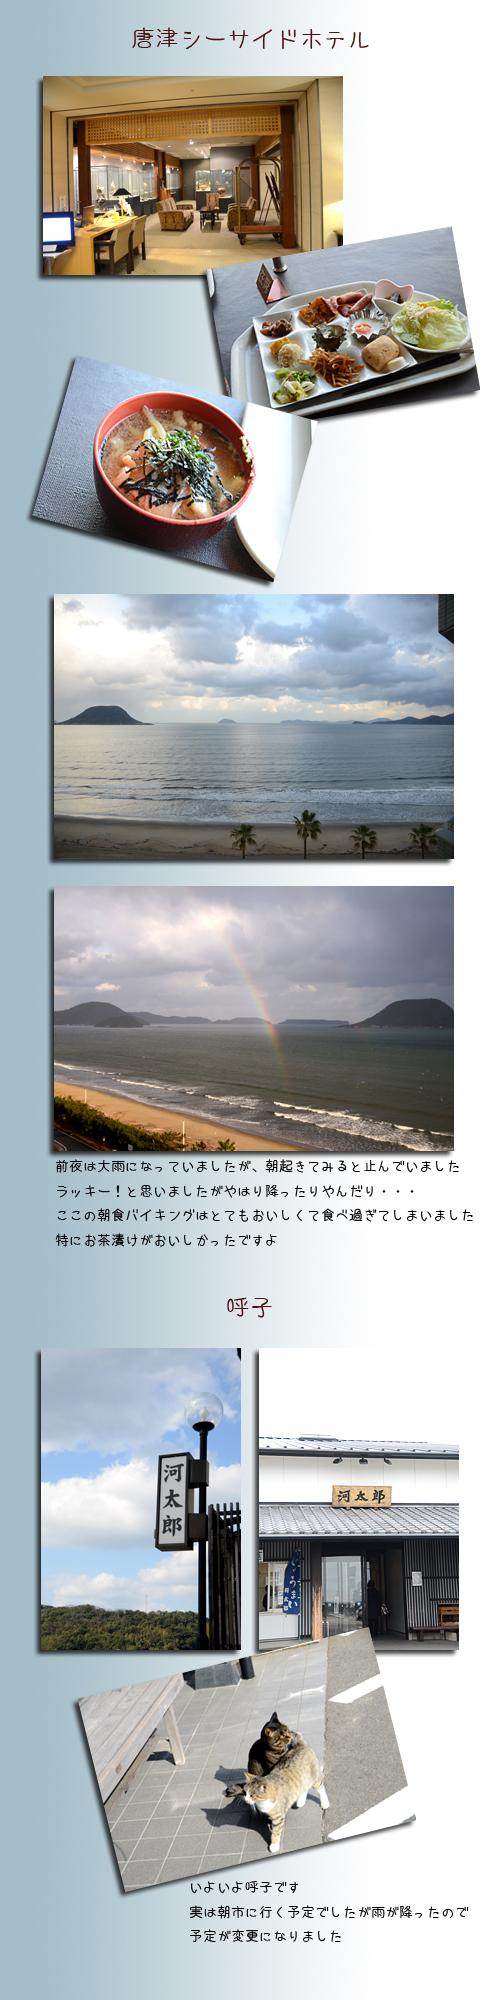 11月23日唐津